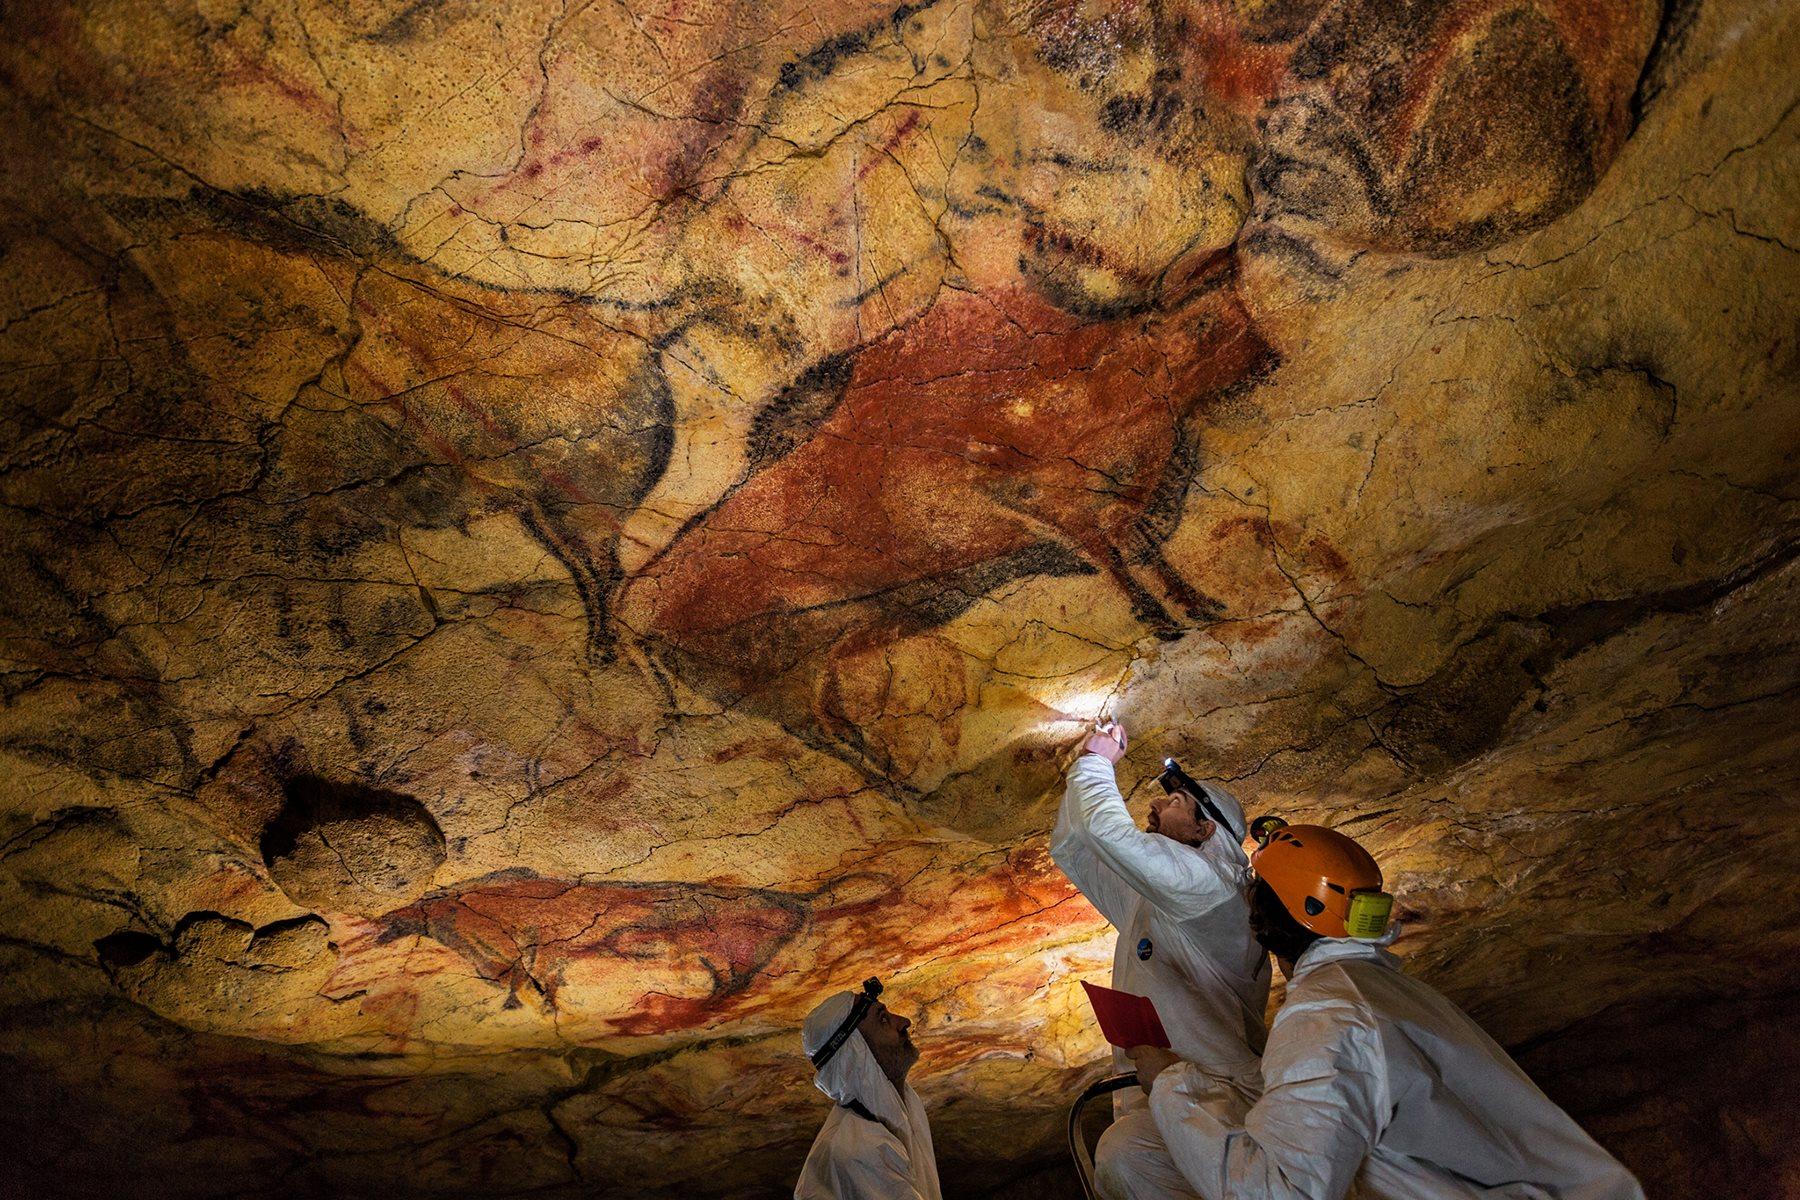 Unos científicos toman muestras del techo policromado de la cueva de Altamira